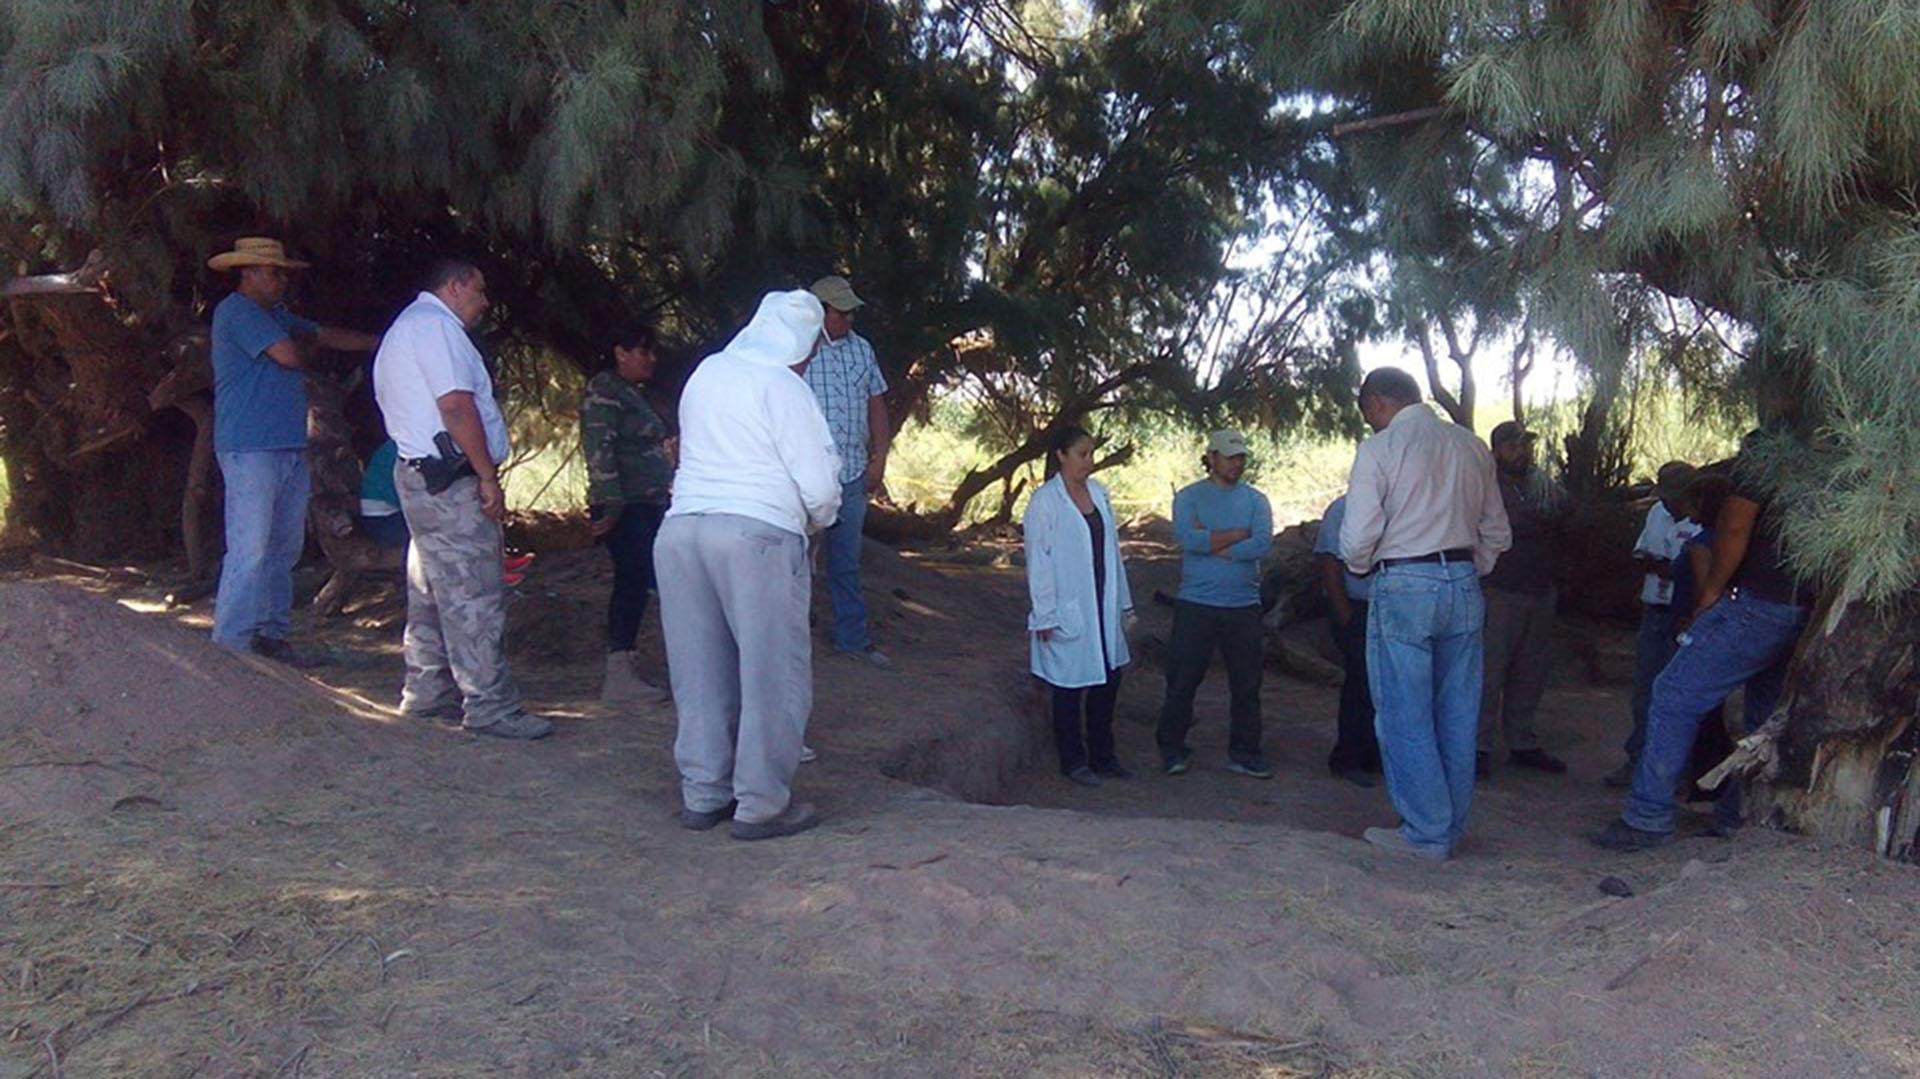 El grupo VIDA, en plena búsqueda de restos humanos